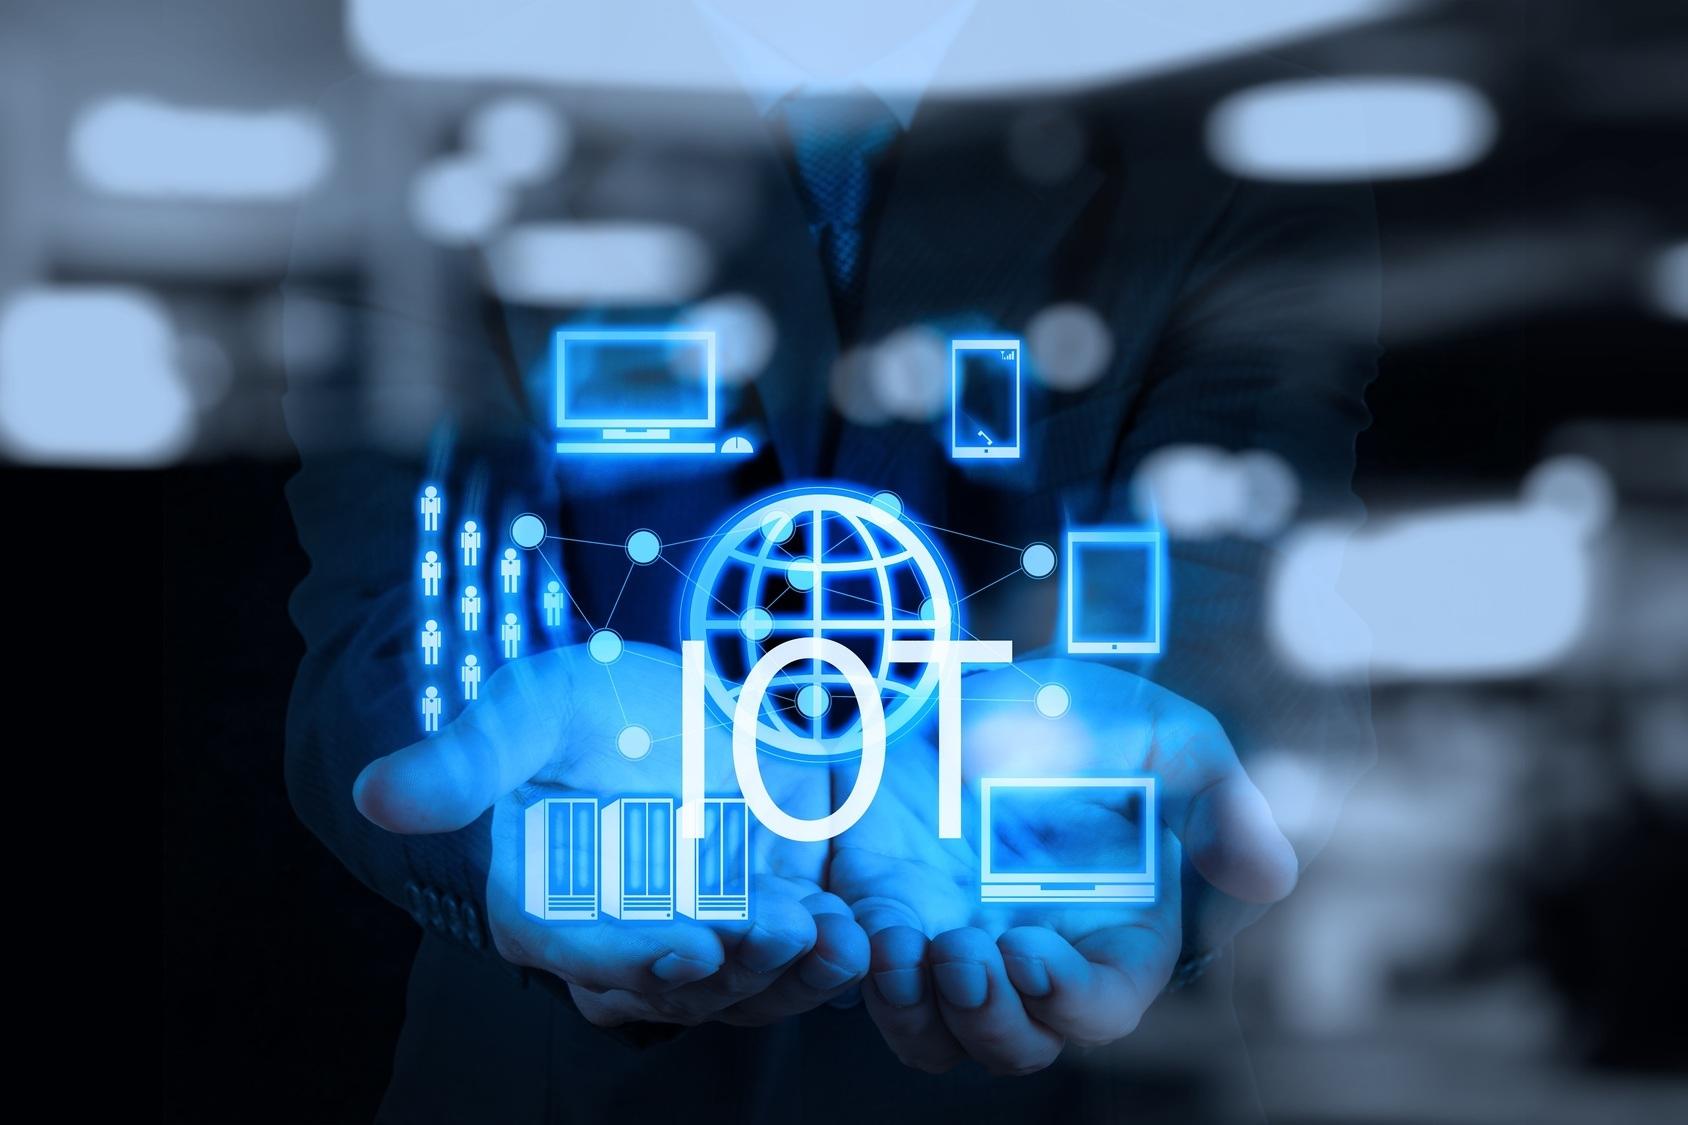 IoT, ICT, electronics